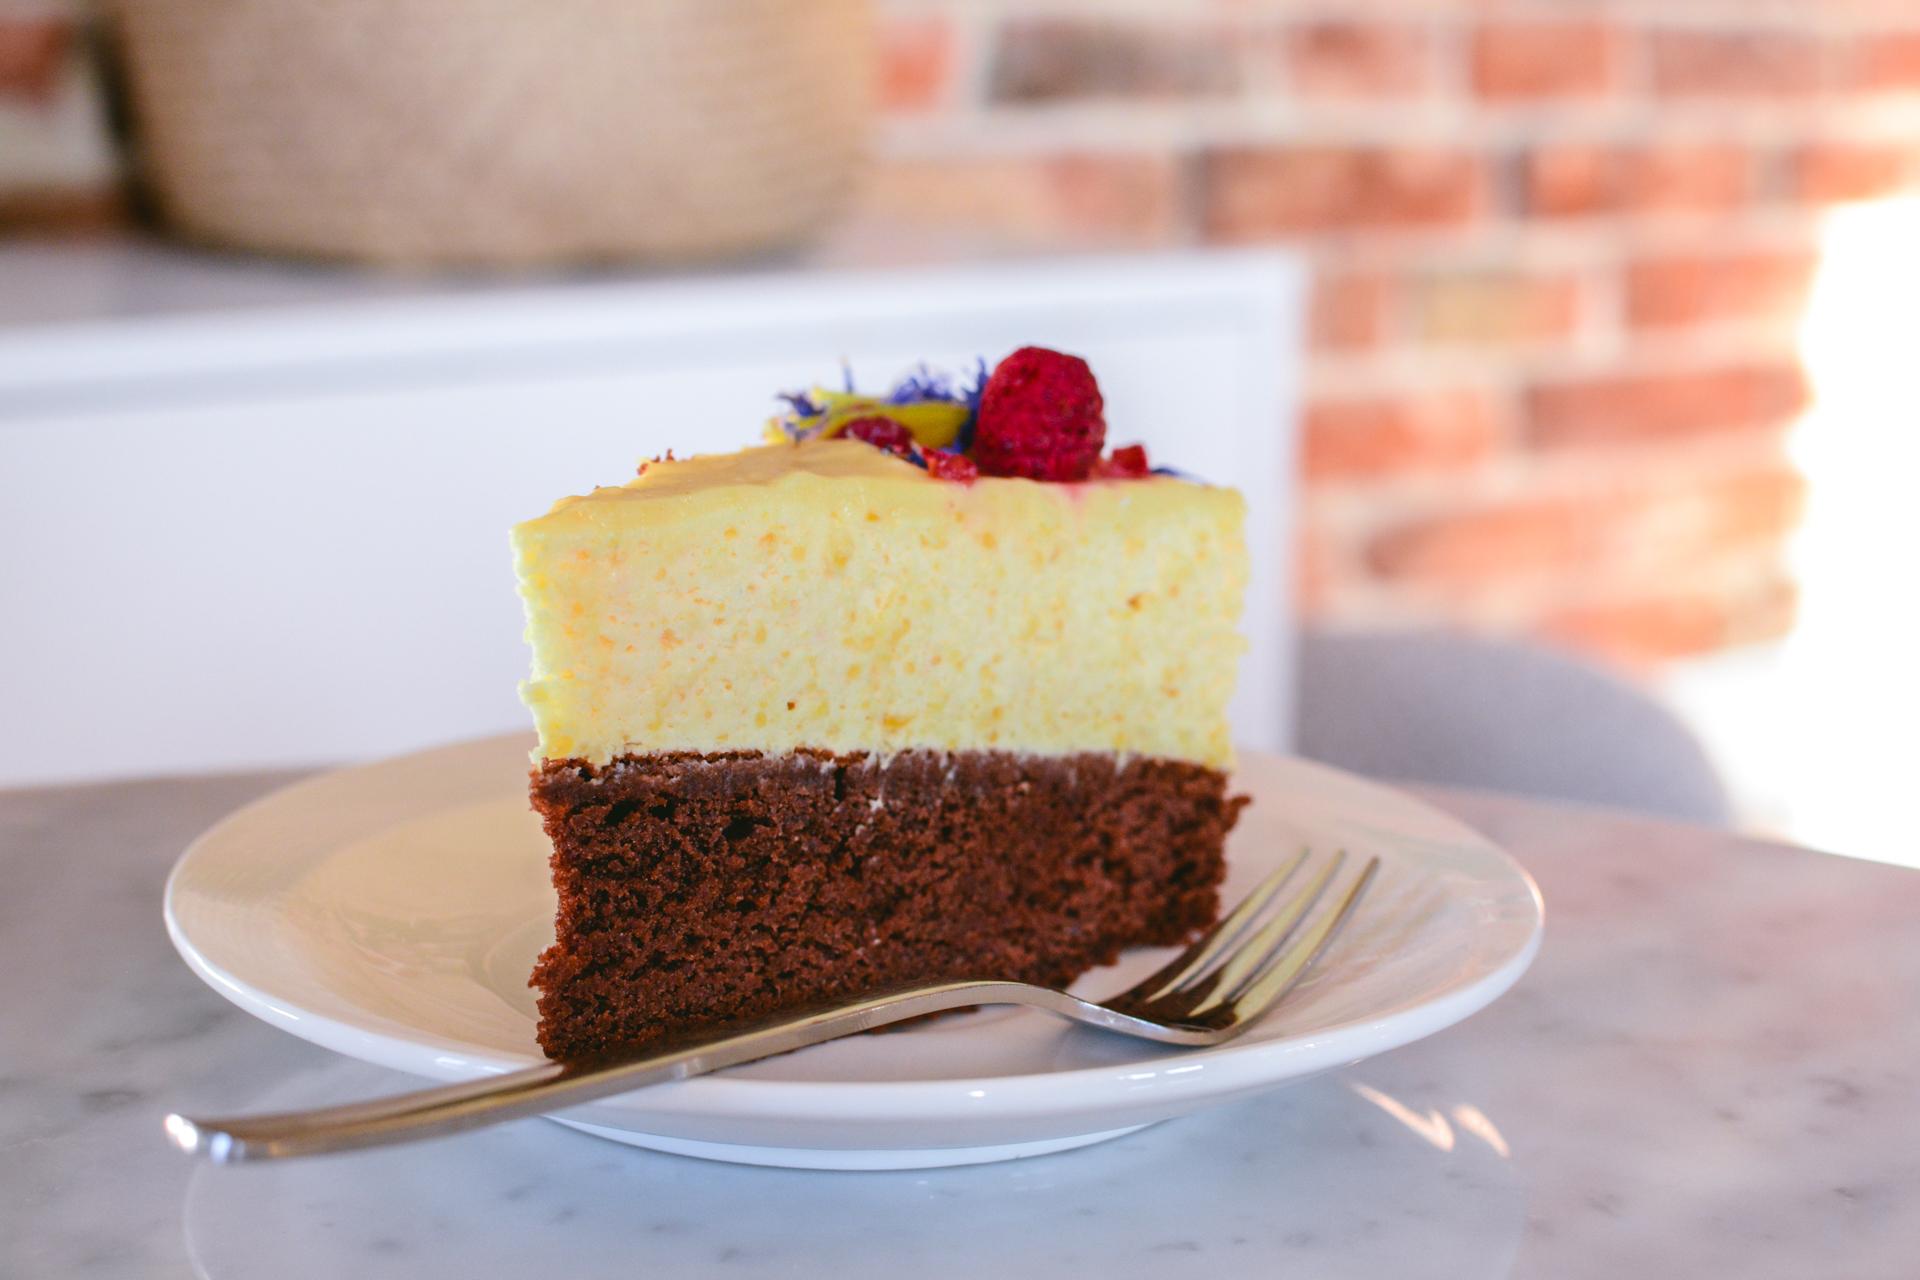 Ciasto musowe z mango i białą czekoladą pyszne i efektowne